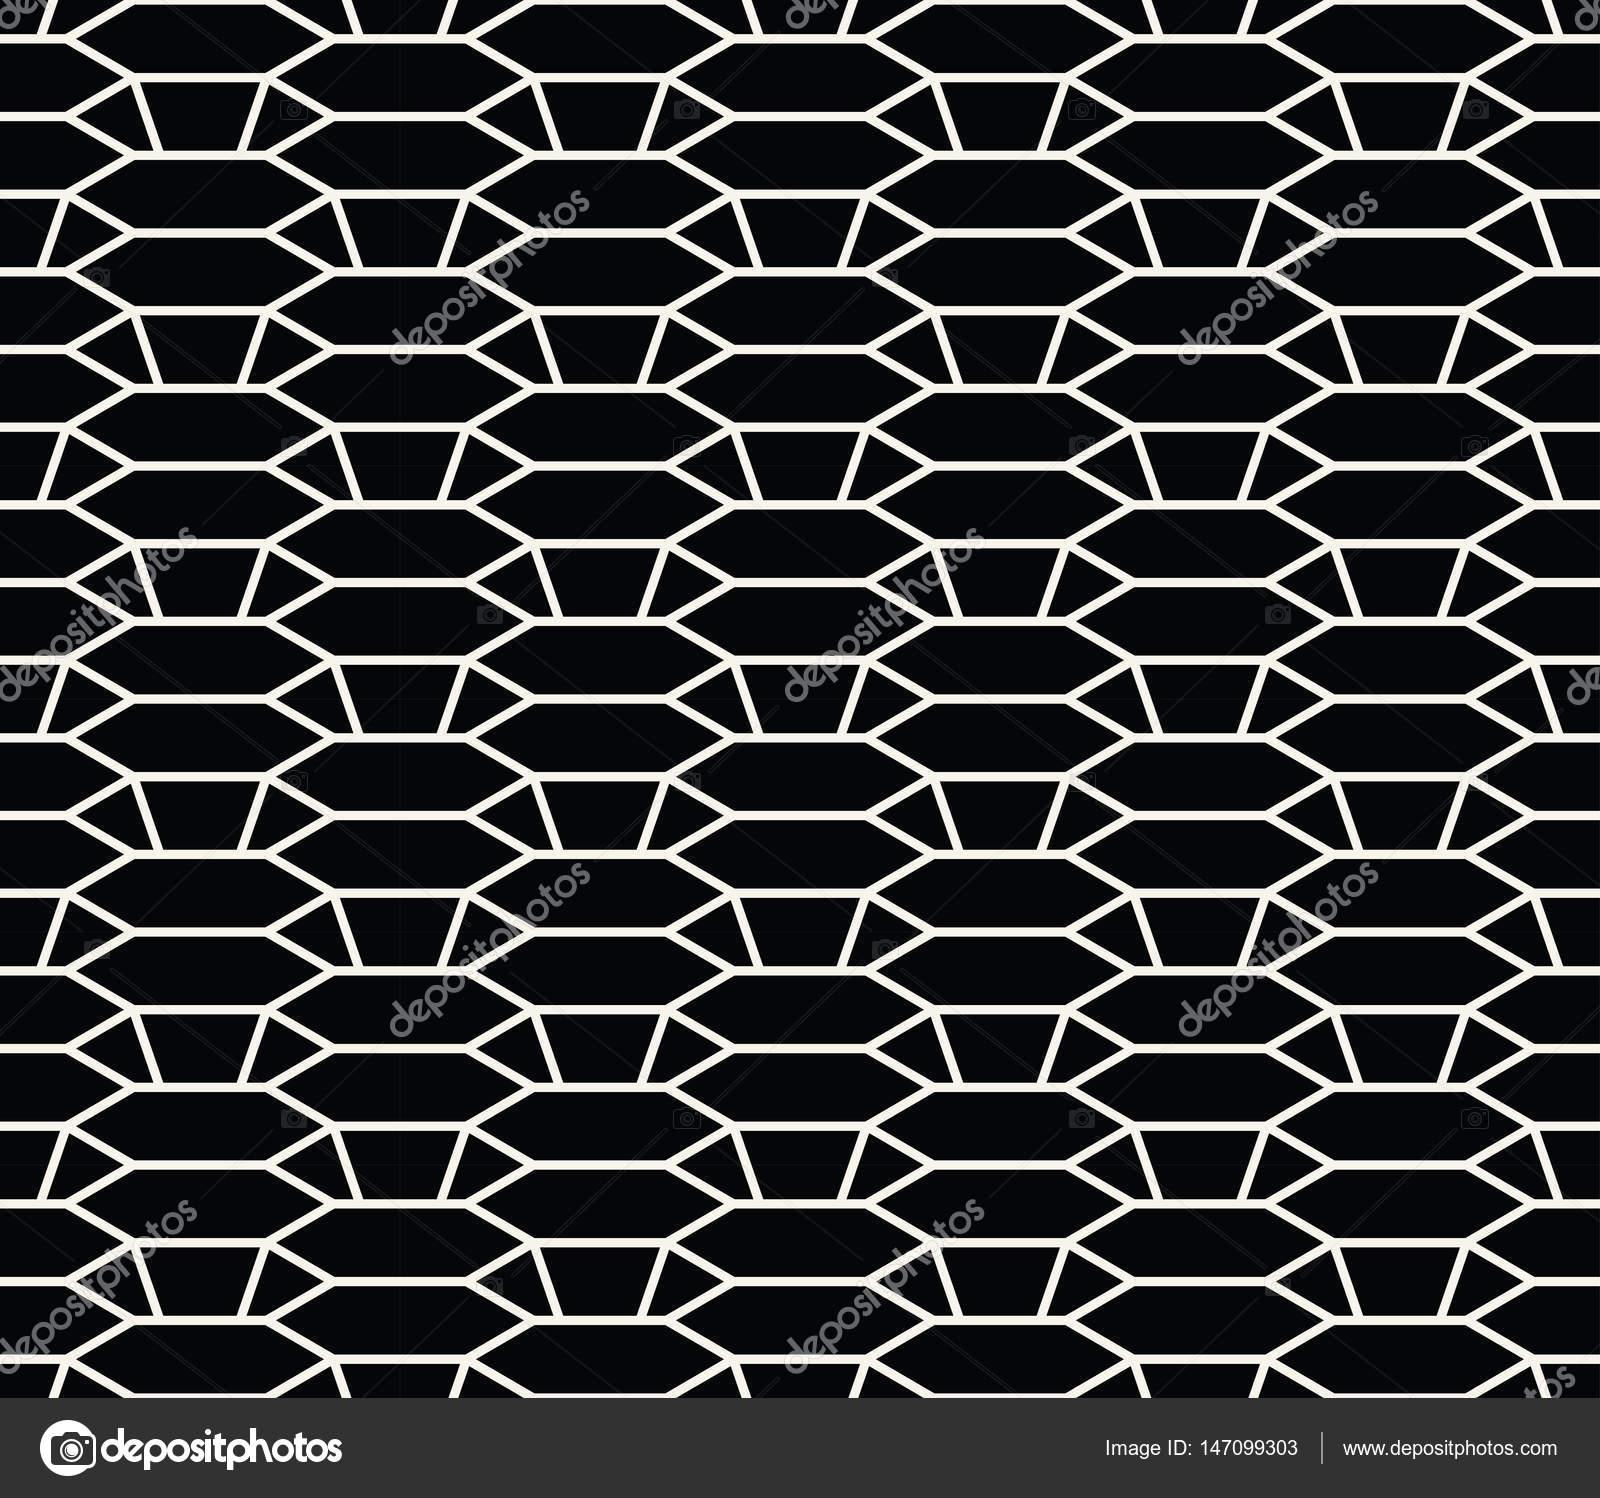 https://st3.depositphotos.com/5539346/14709/v/1600/depositphotos_147099303-stockillustratie-geometrische-3d-verlichting-schetsen-zeshoek.jpg